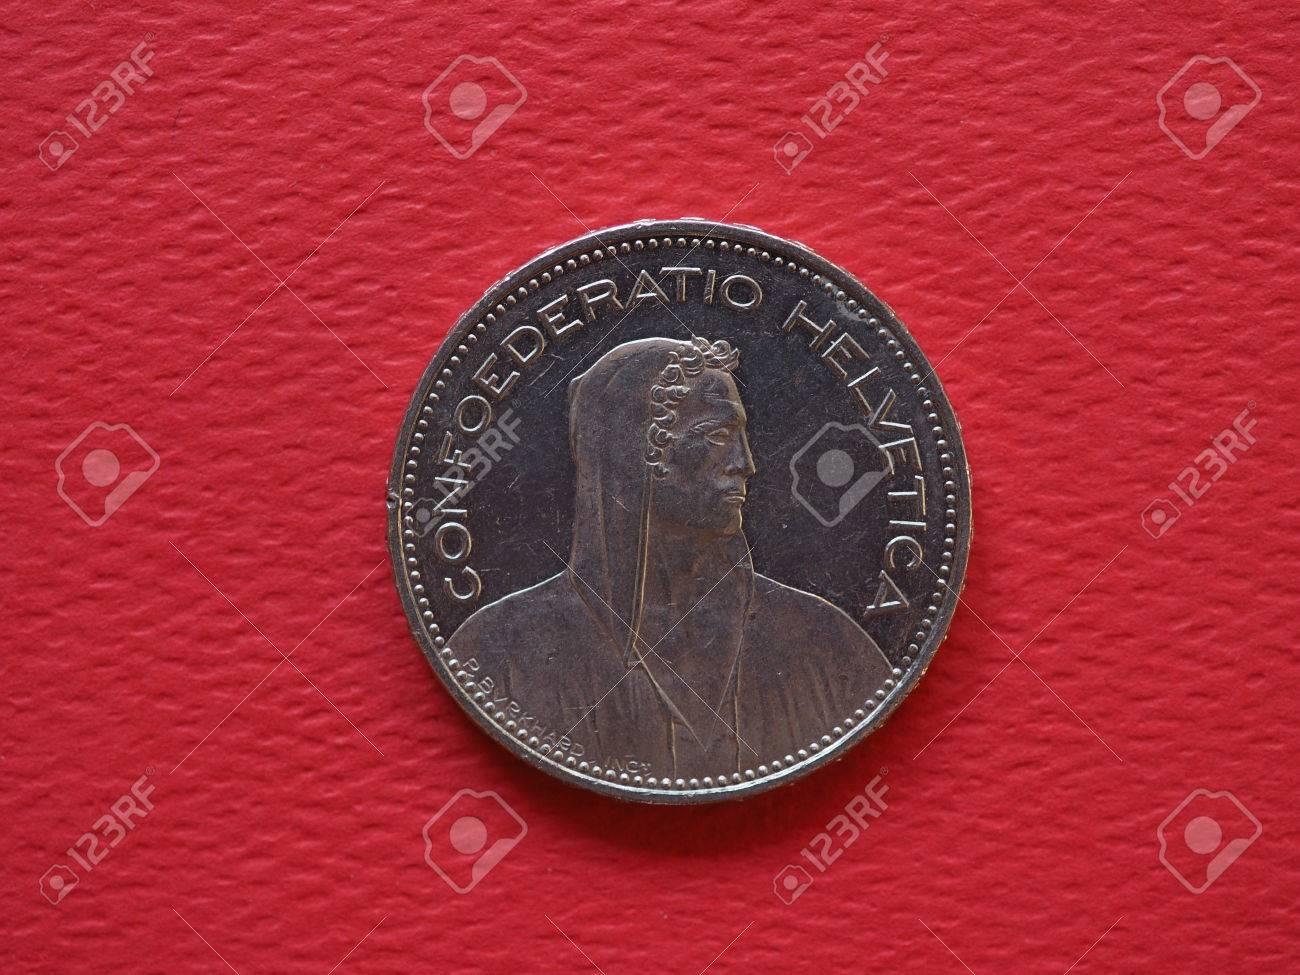 5 Franken Münze Geld Chf Währung Der Schweiz Lizenzfreie Fotos